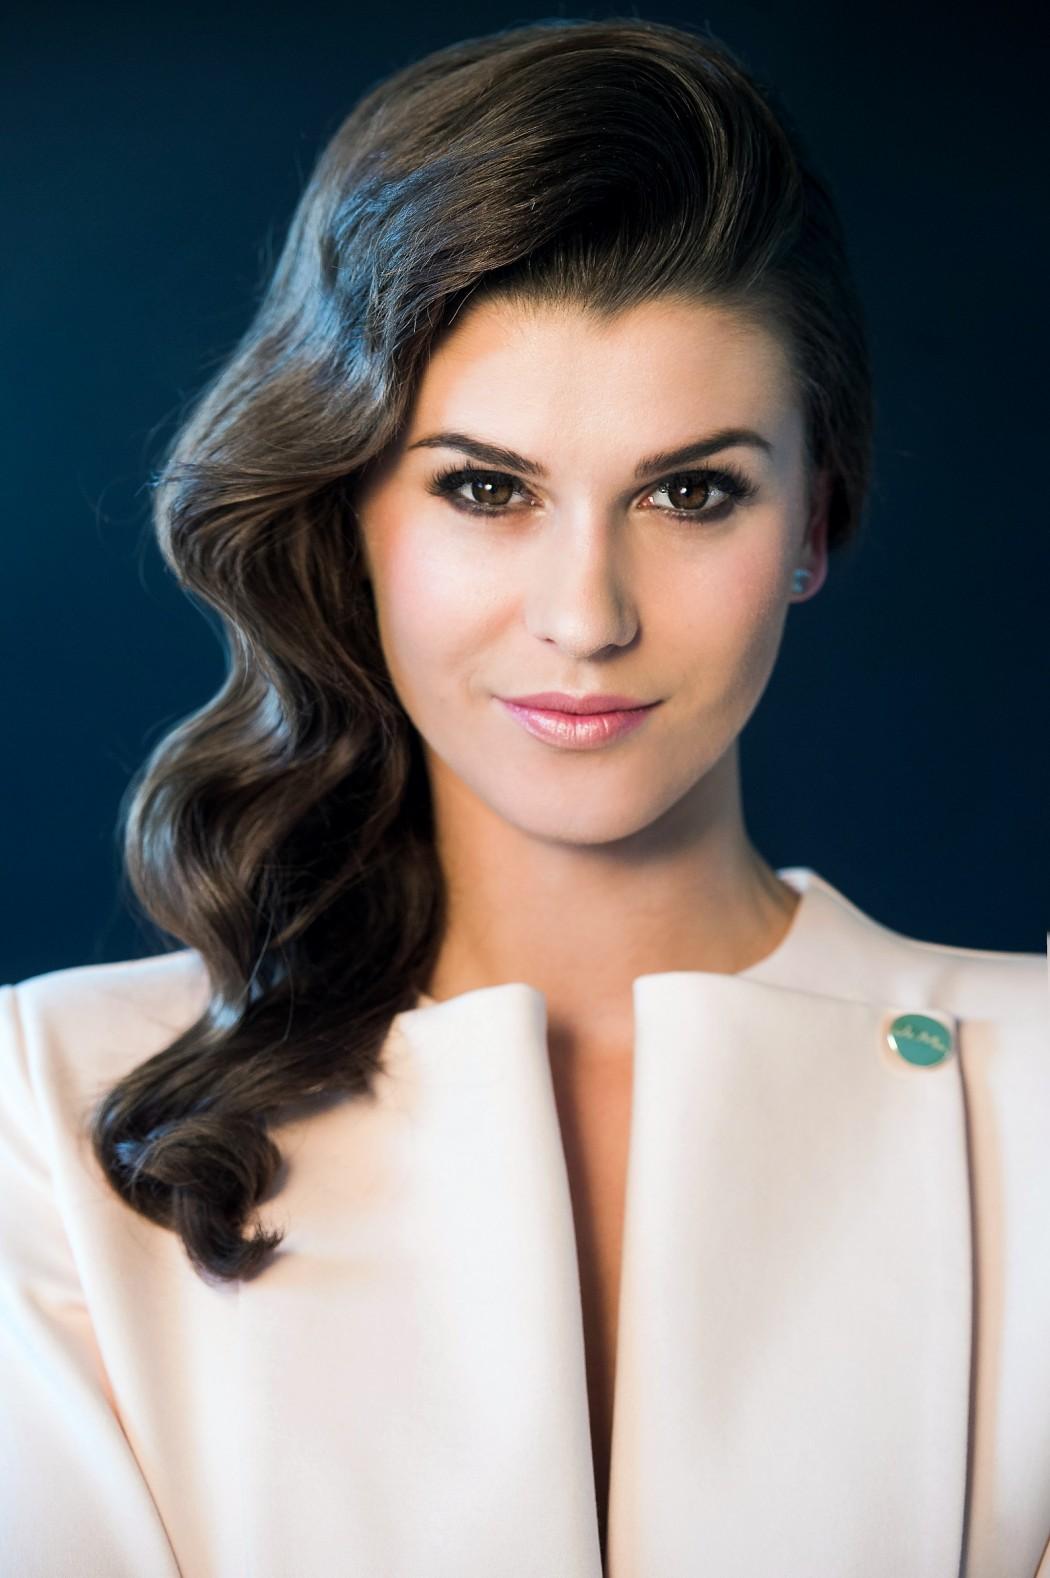 magazynkobiet.pl - DCZ 7474 1050x1578 - Katarzyna Krzeszowska twarzą marki kosmetycznej Novakosmetyki.